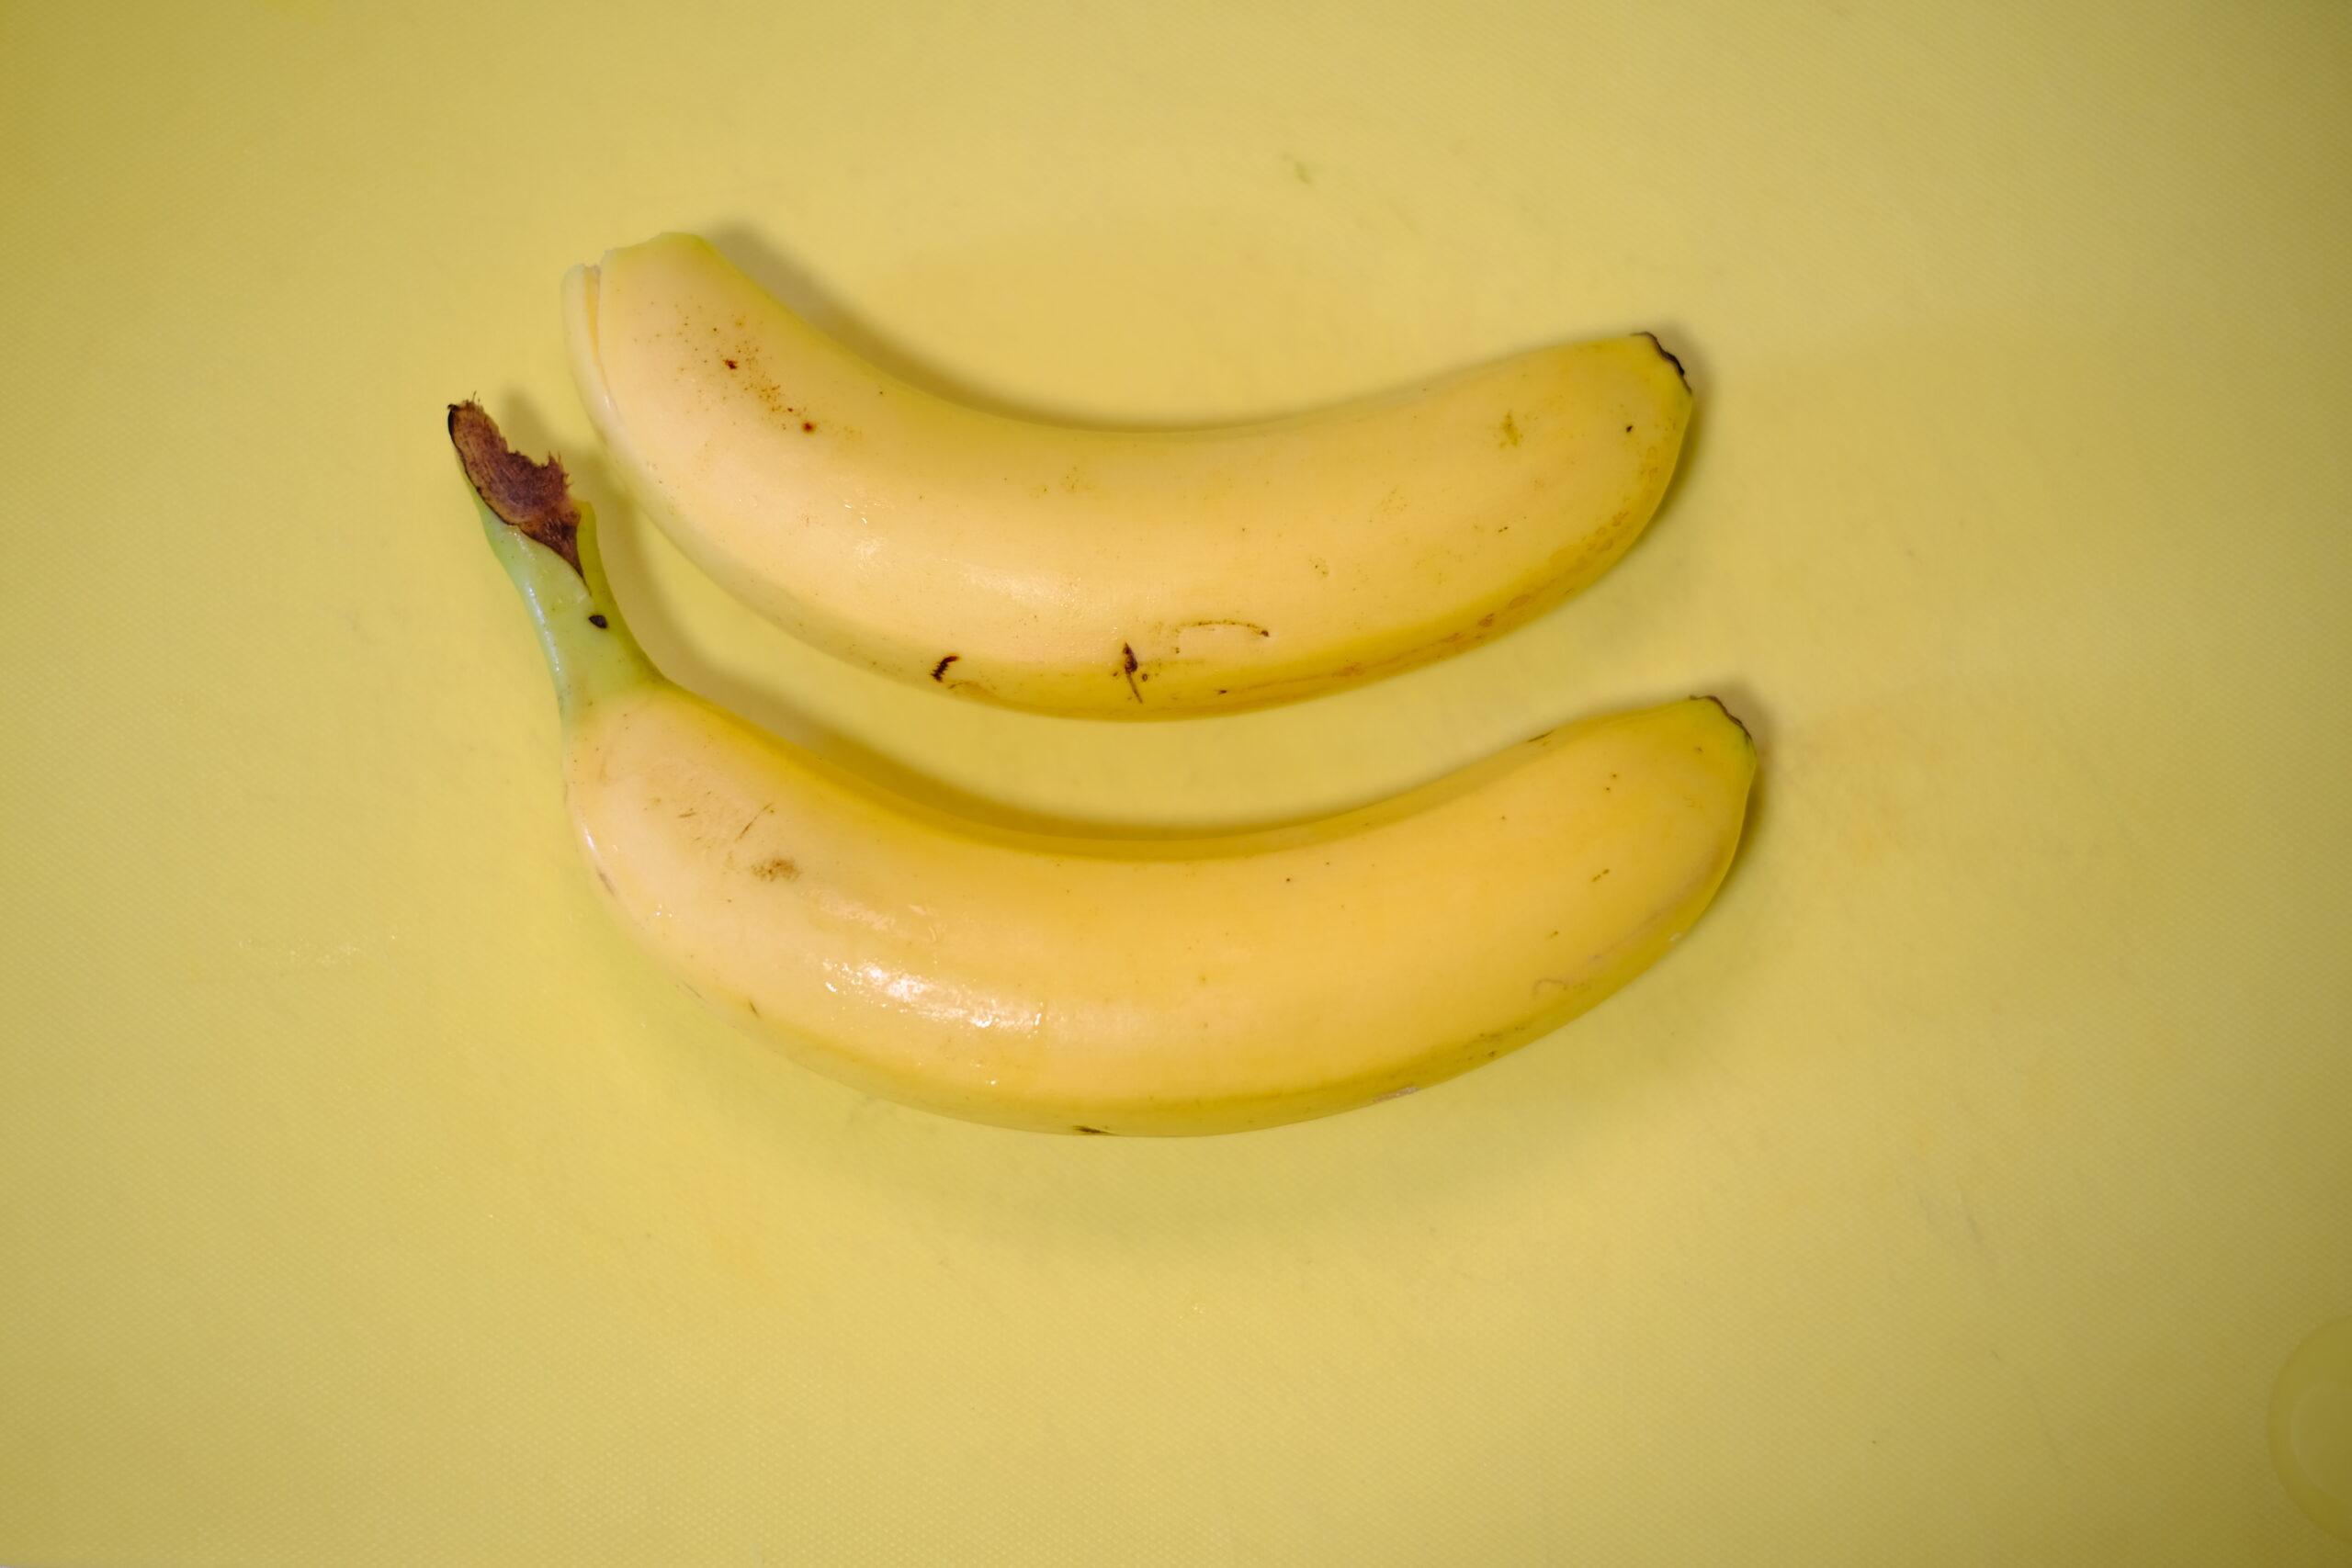 まな板の上のバナナの画像です